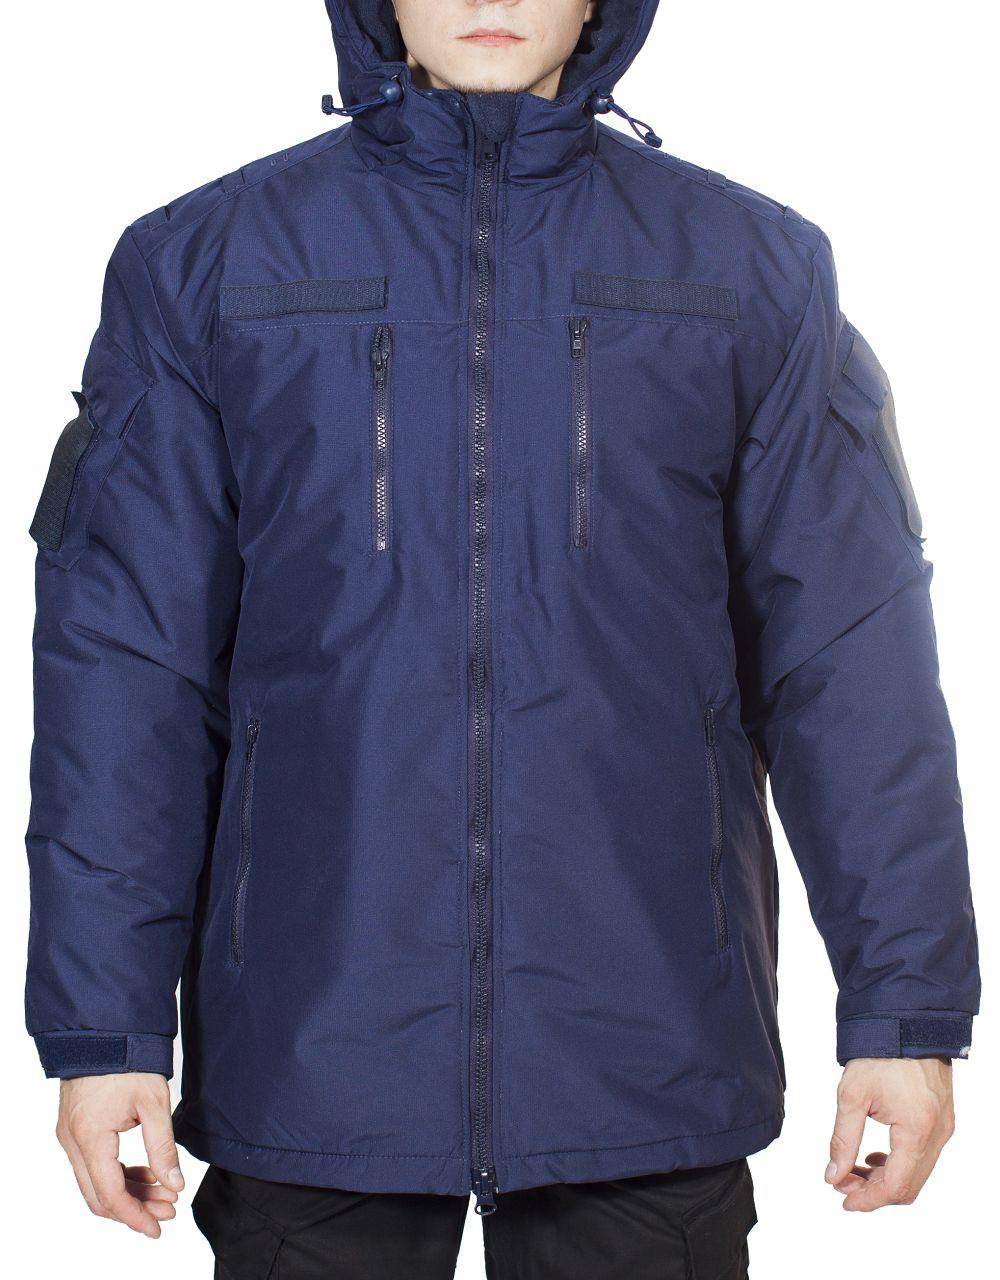 Куртка зимняя МПА-39 (МО-2) (ткань рип-стоп мембрана) синяя